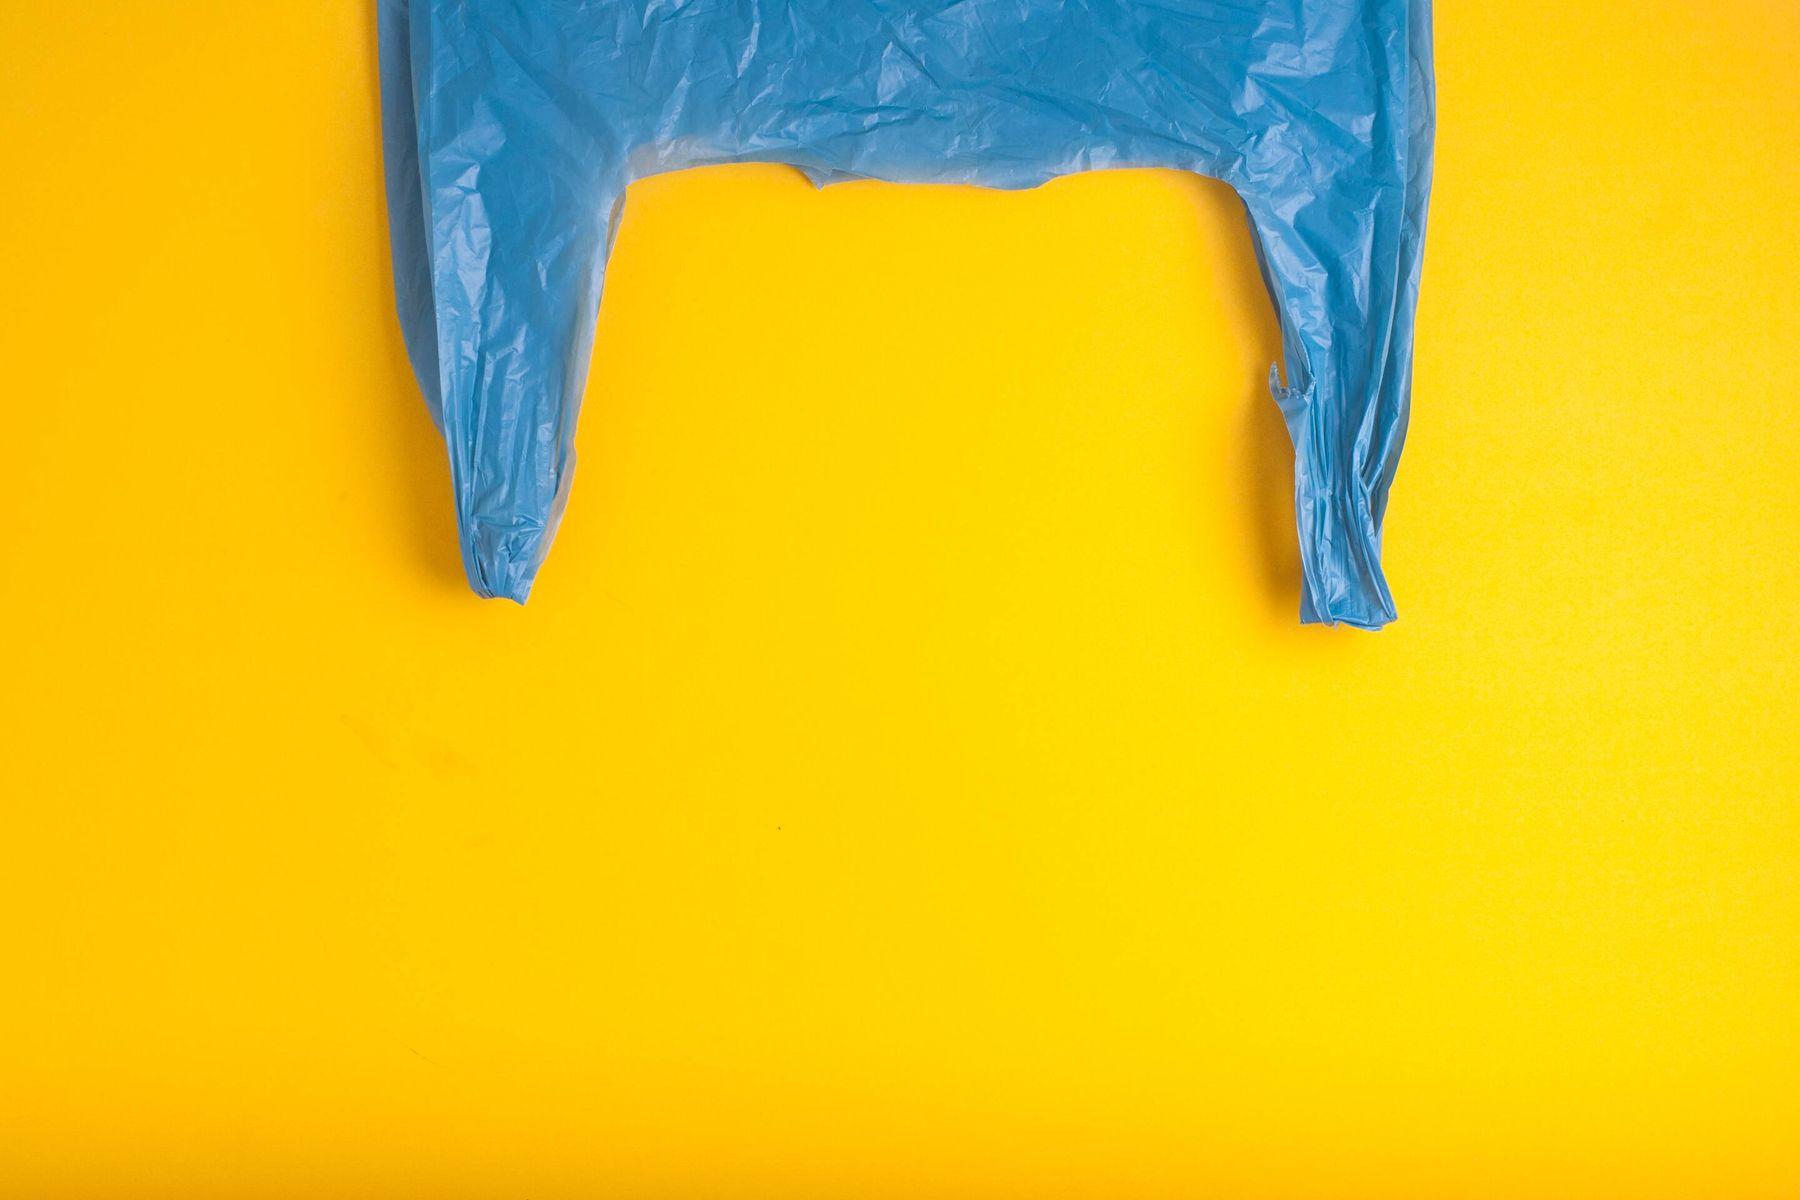 niebieska plastikowa torba na żółtym tle